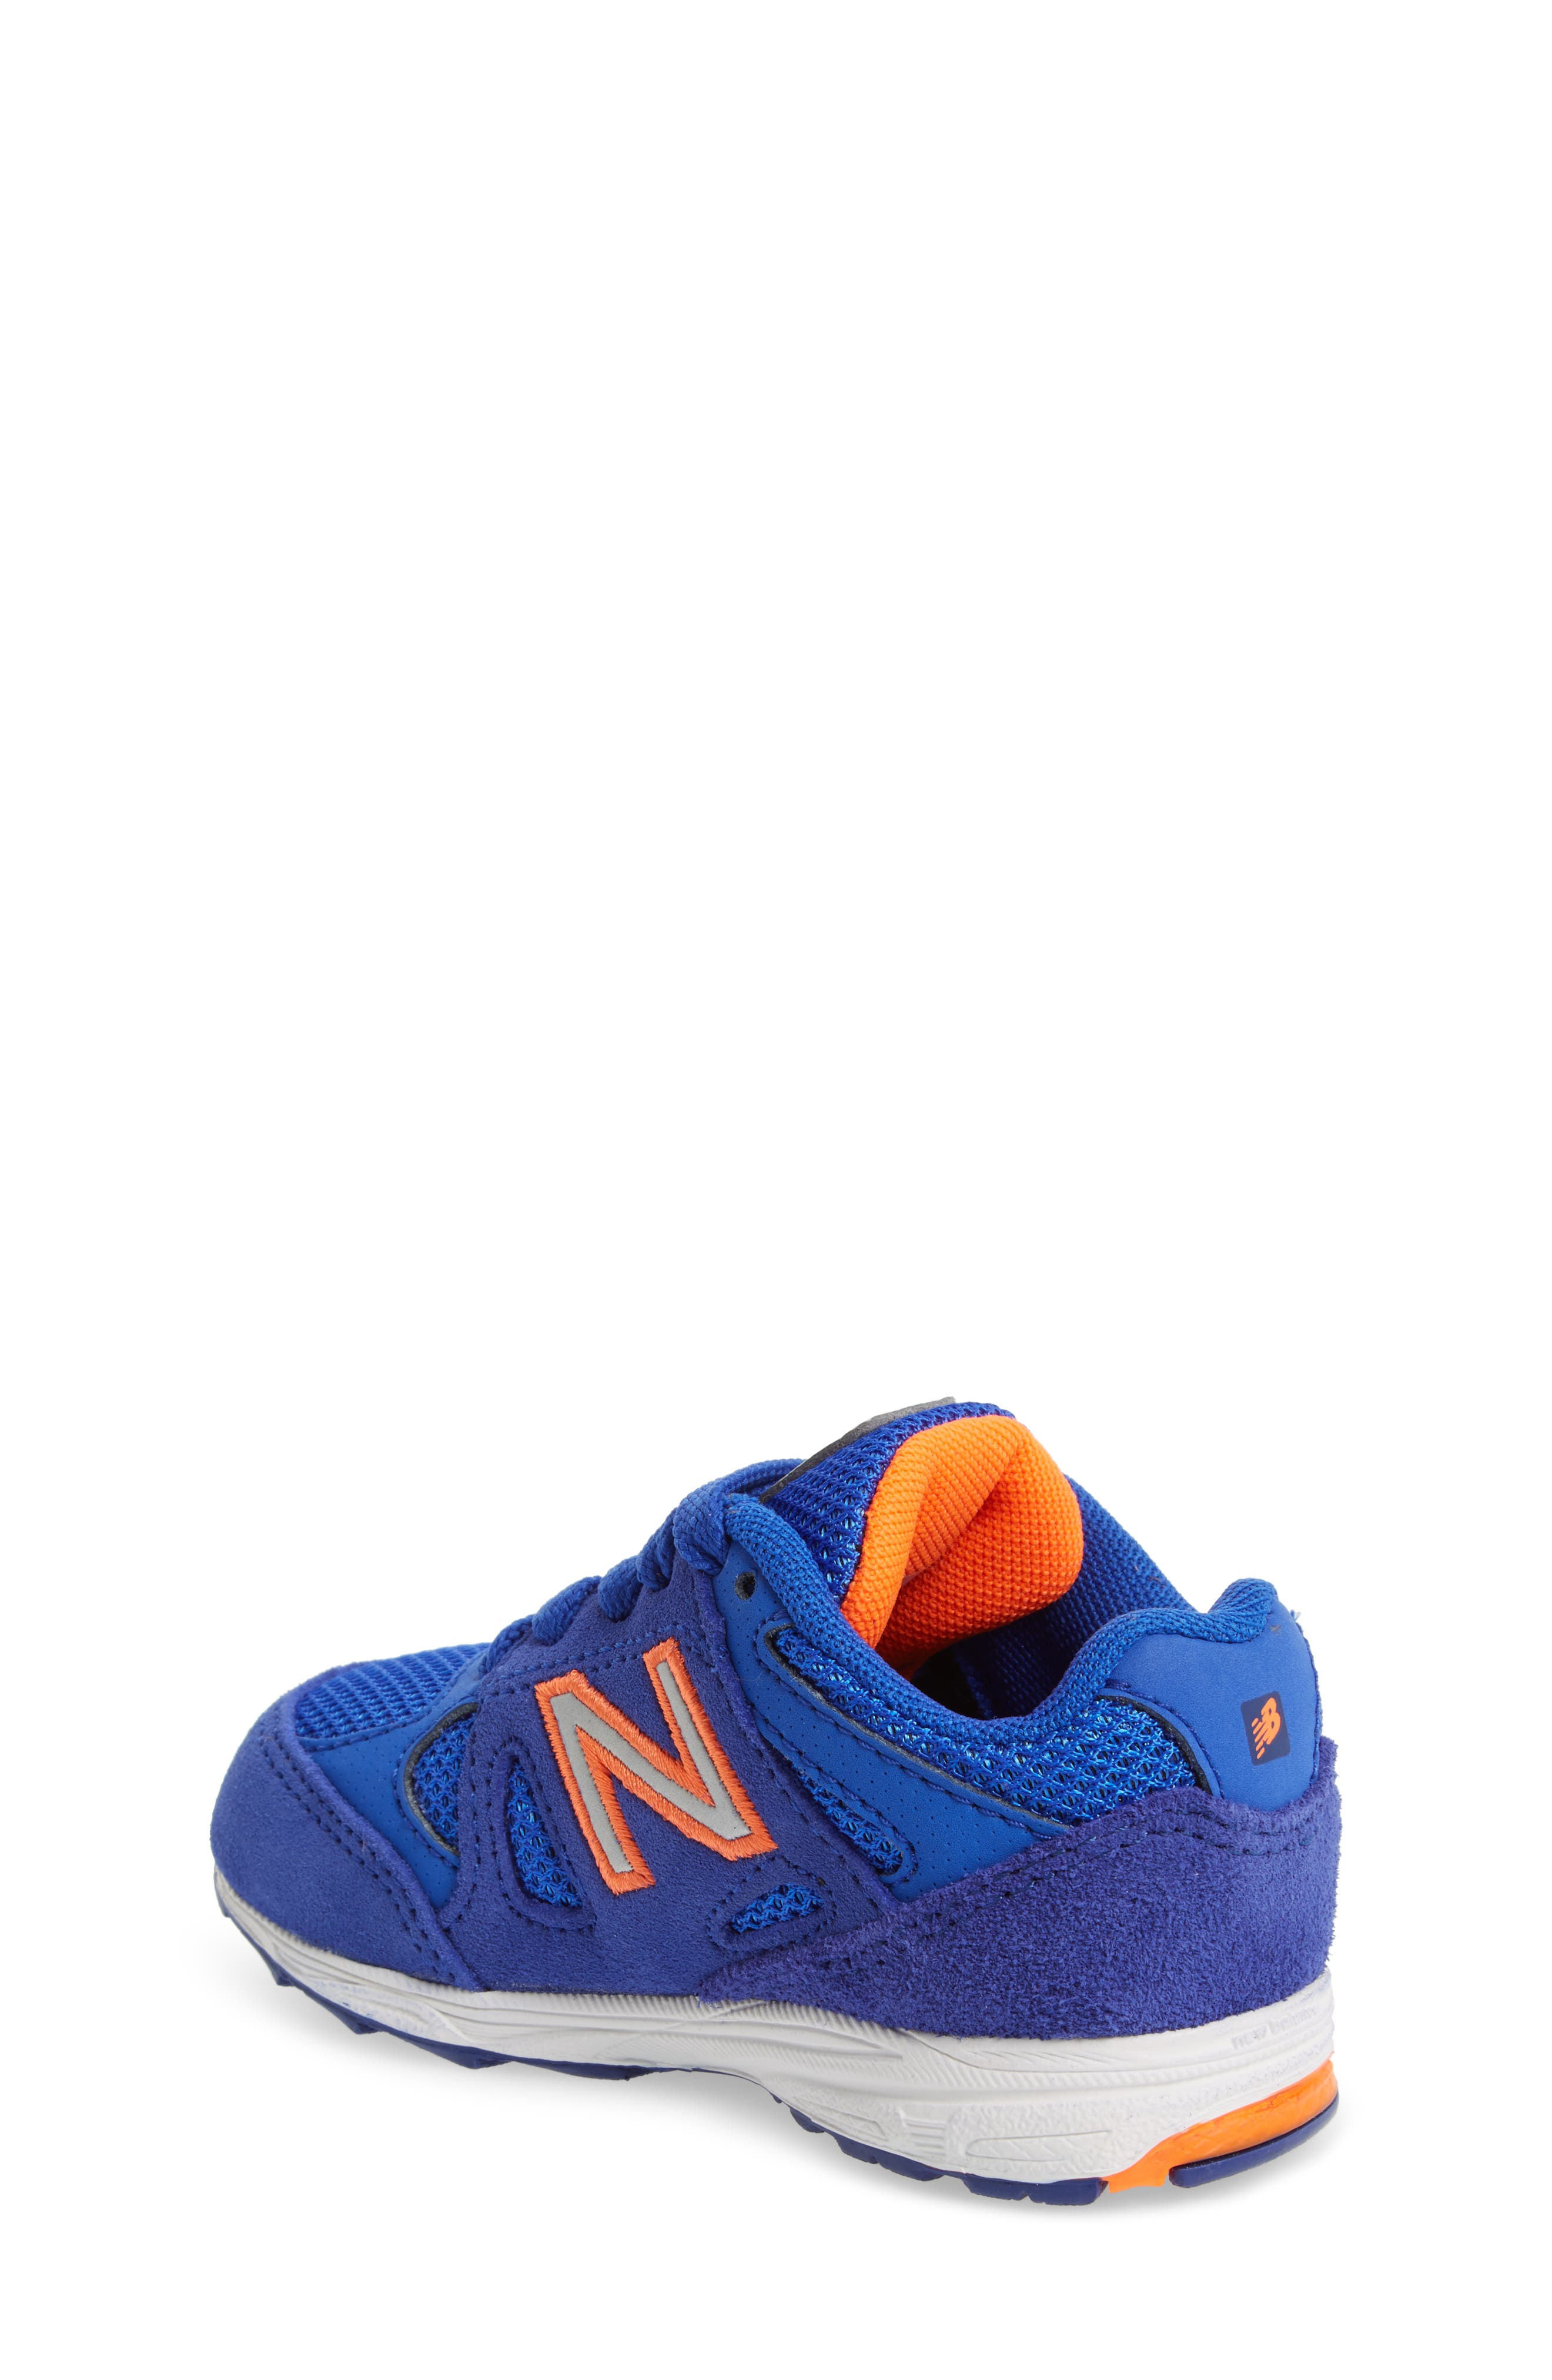 888 Sneaker,                             Alternate thumbnail 2, color,                             400